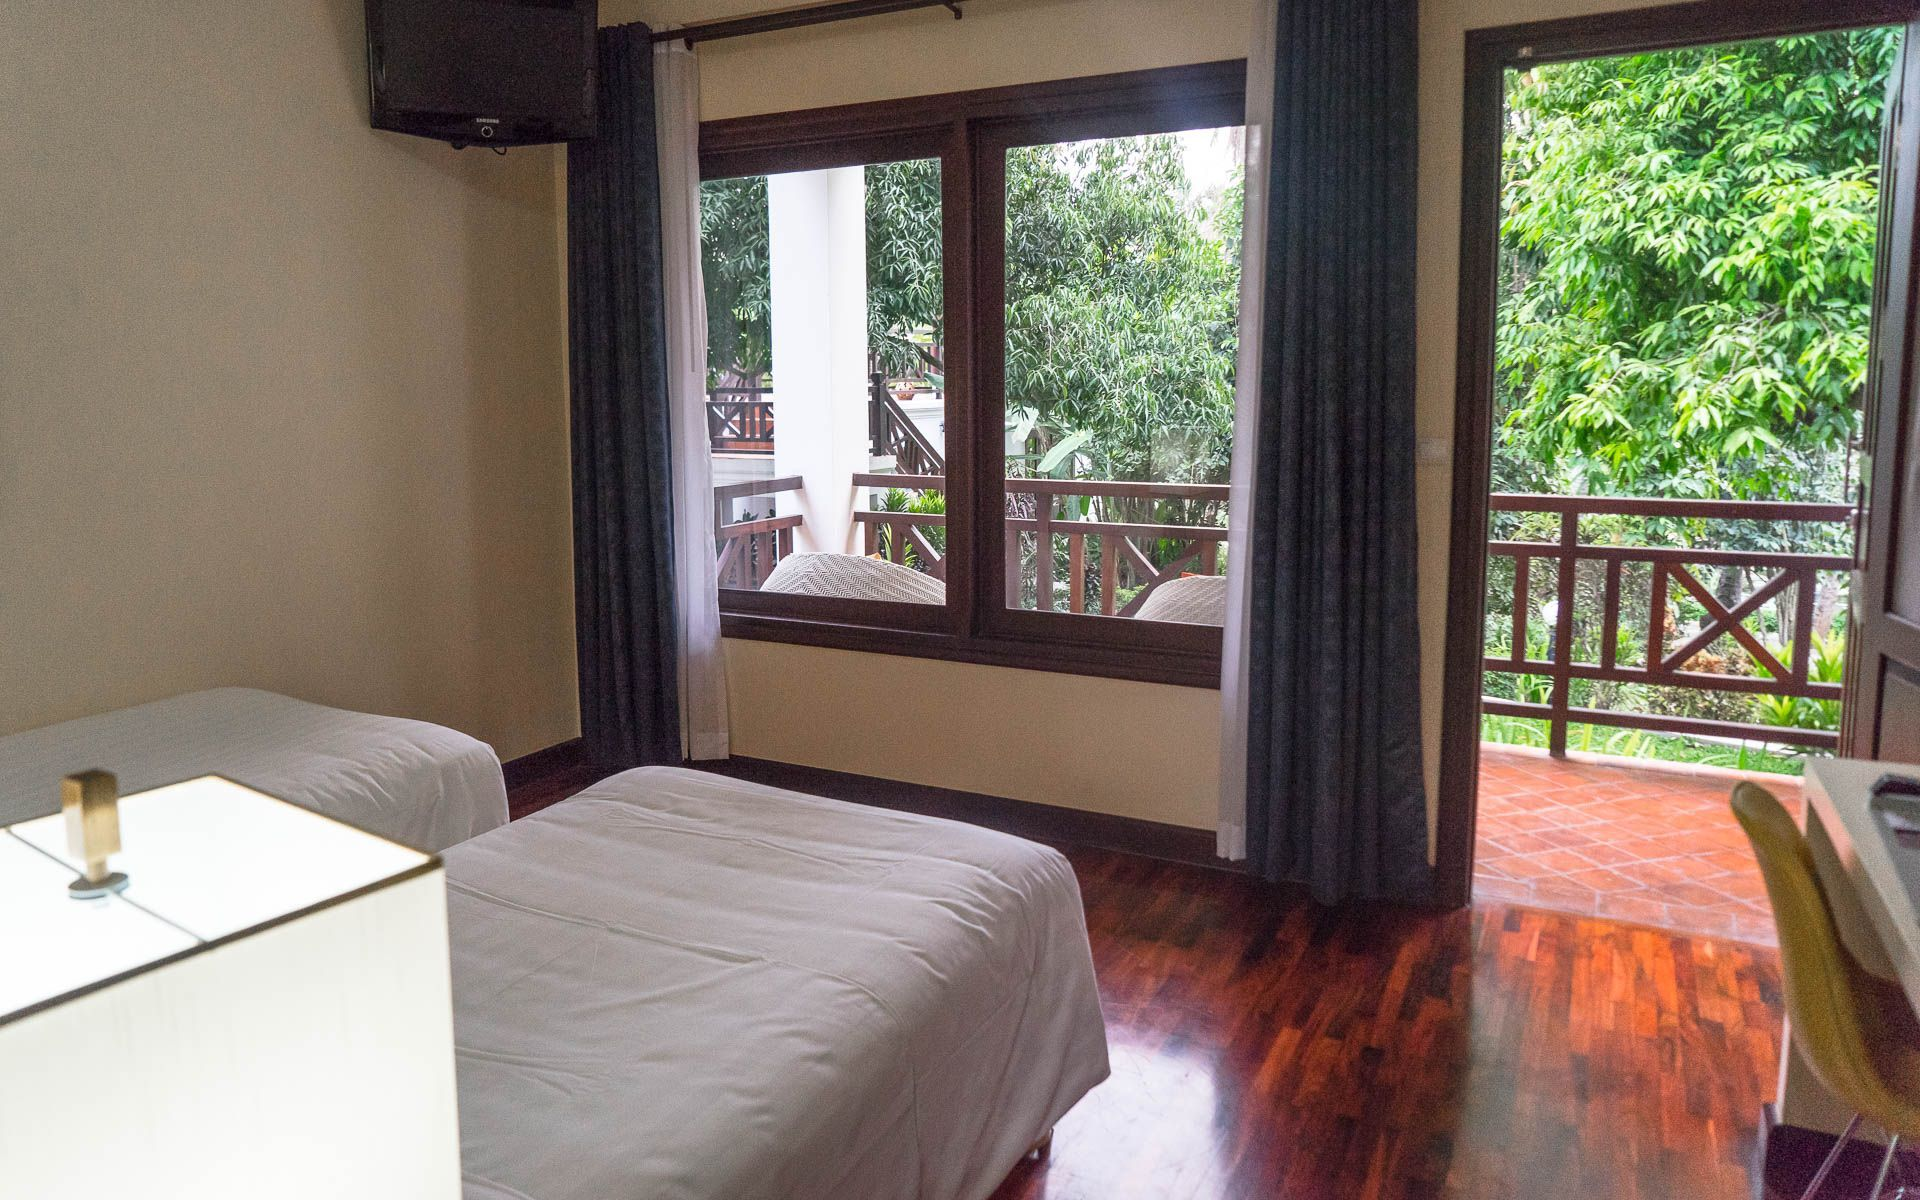 Lesvoyageuses-voyage-laos-luang-prabang-hotel-parasol-blanc-7